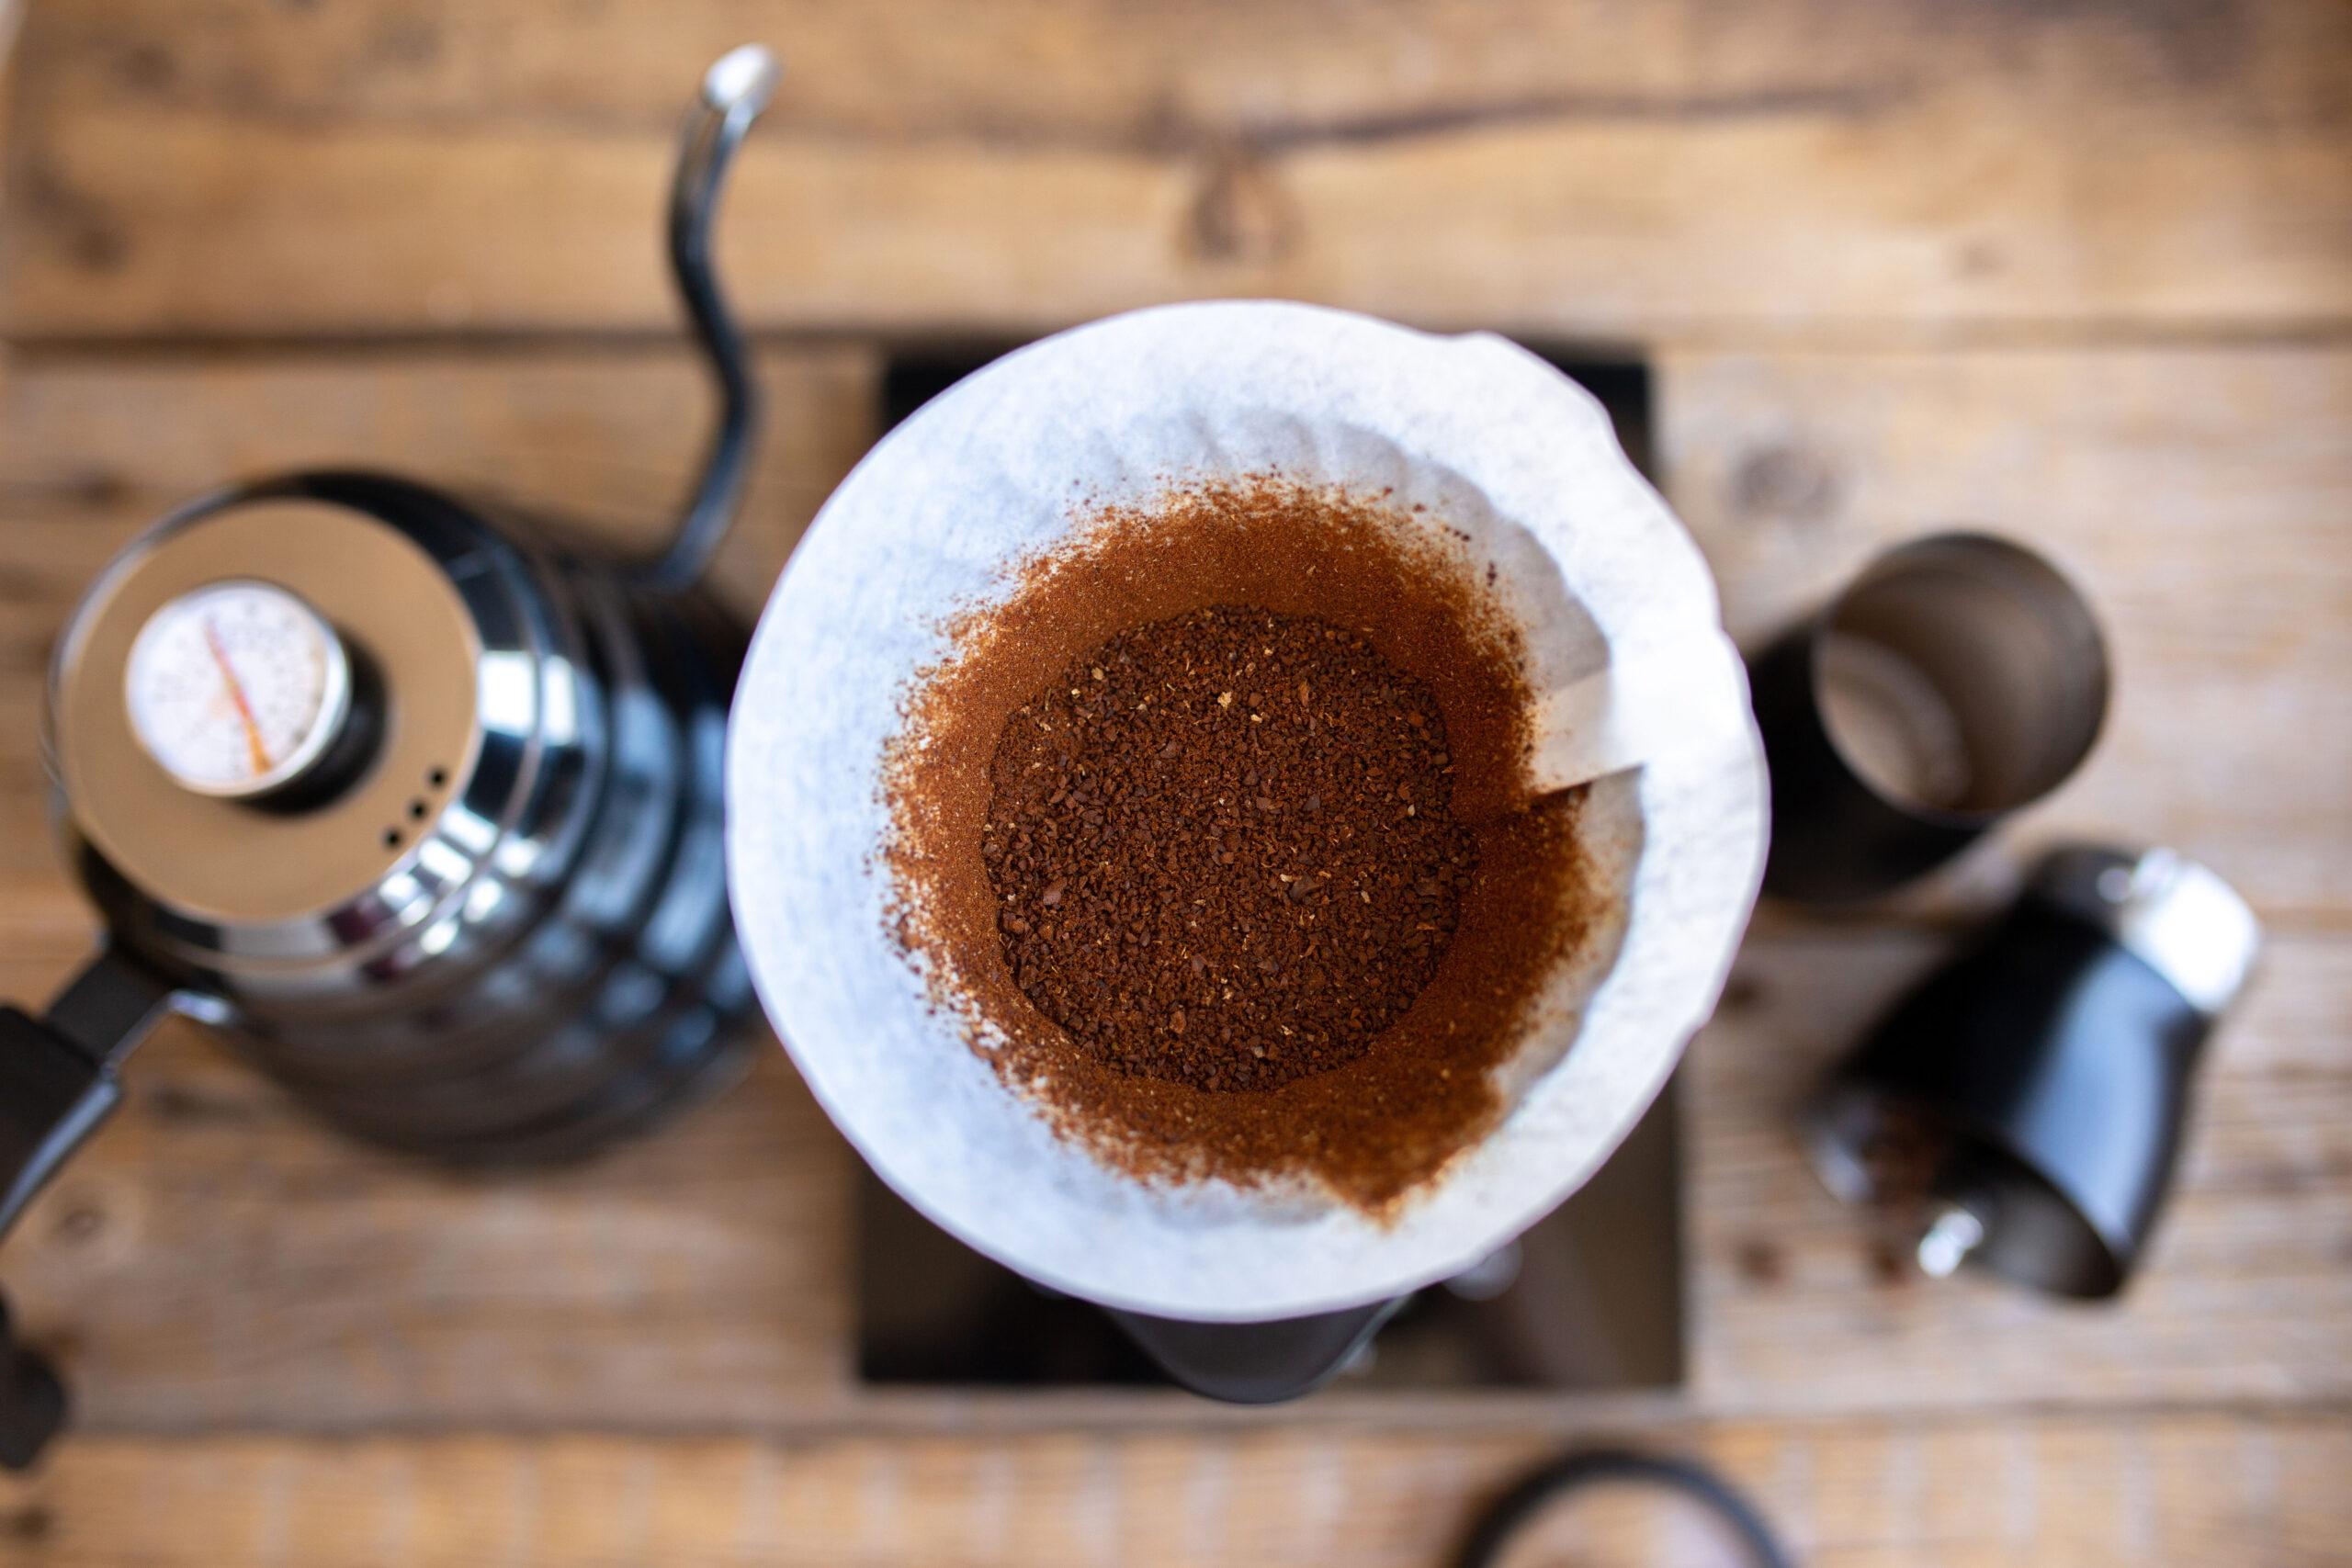 Hvordan lage kaffe oppskrift kaldt vann